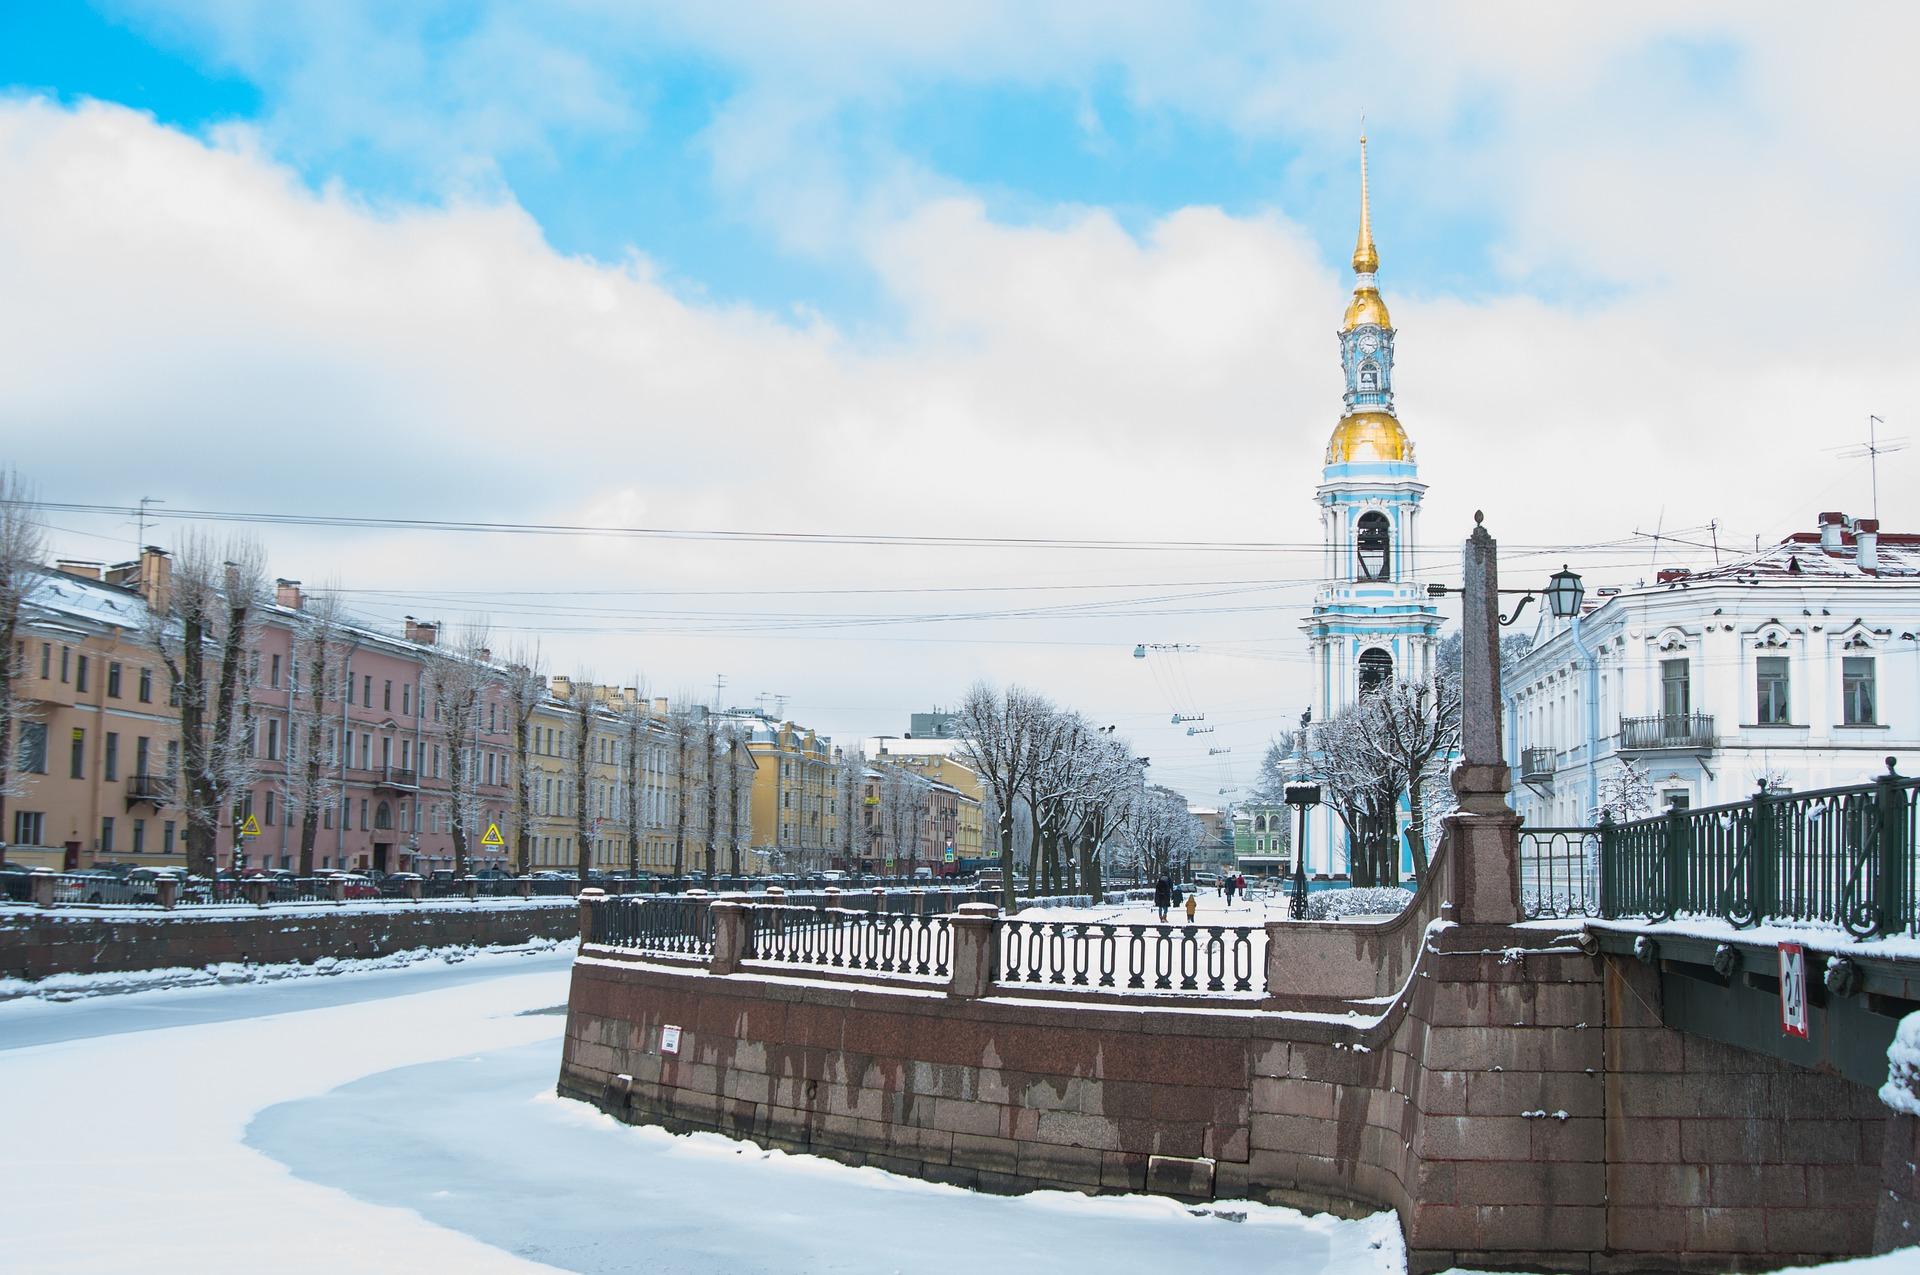 ¿Cómo es el invierno en Rusia?